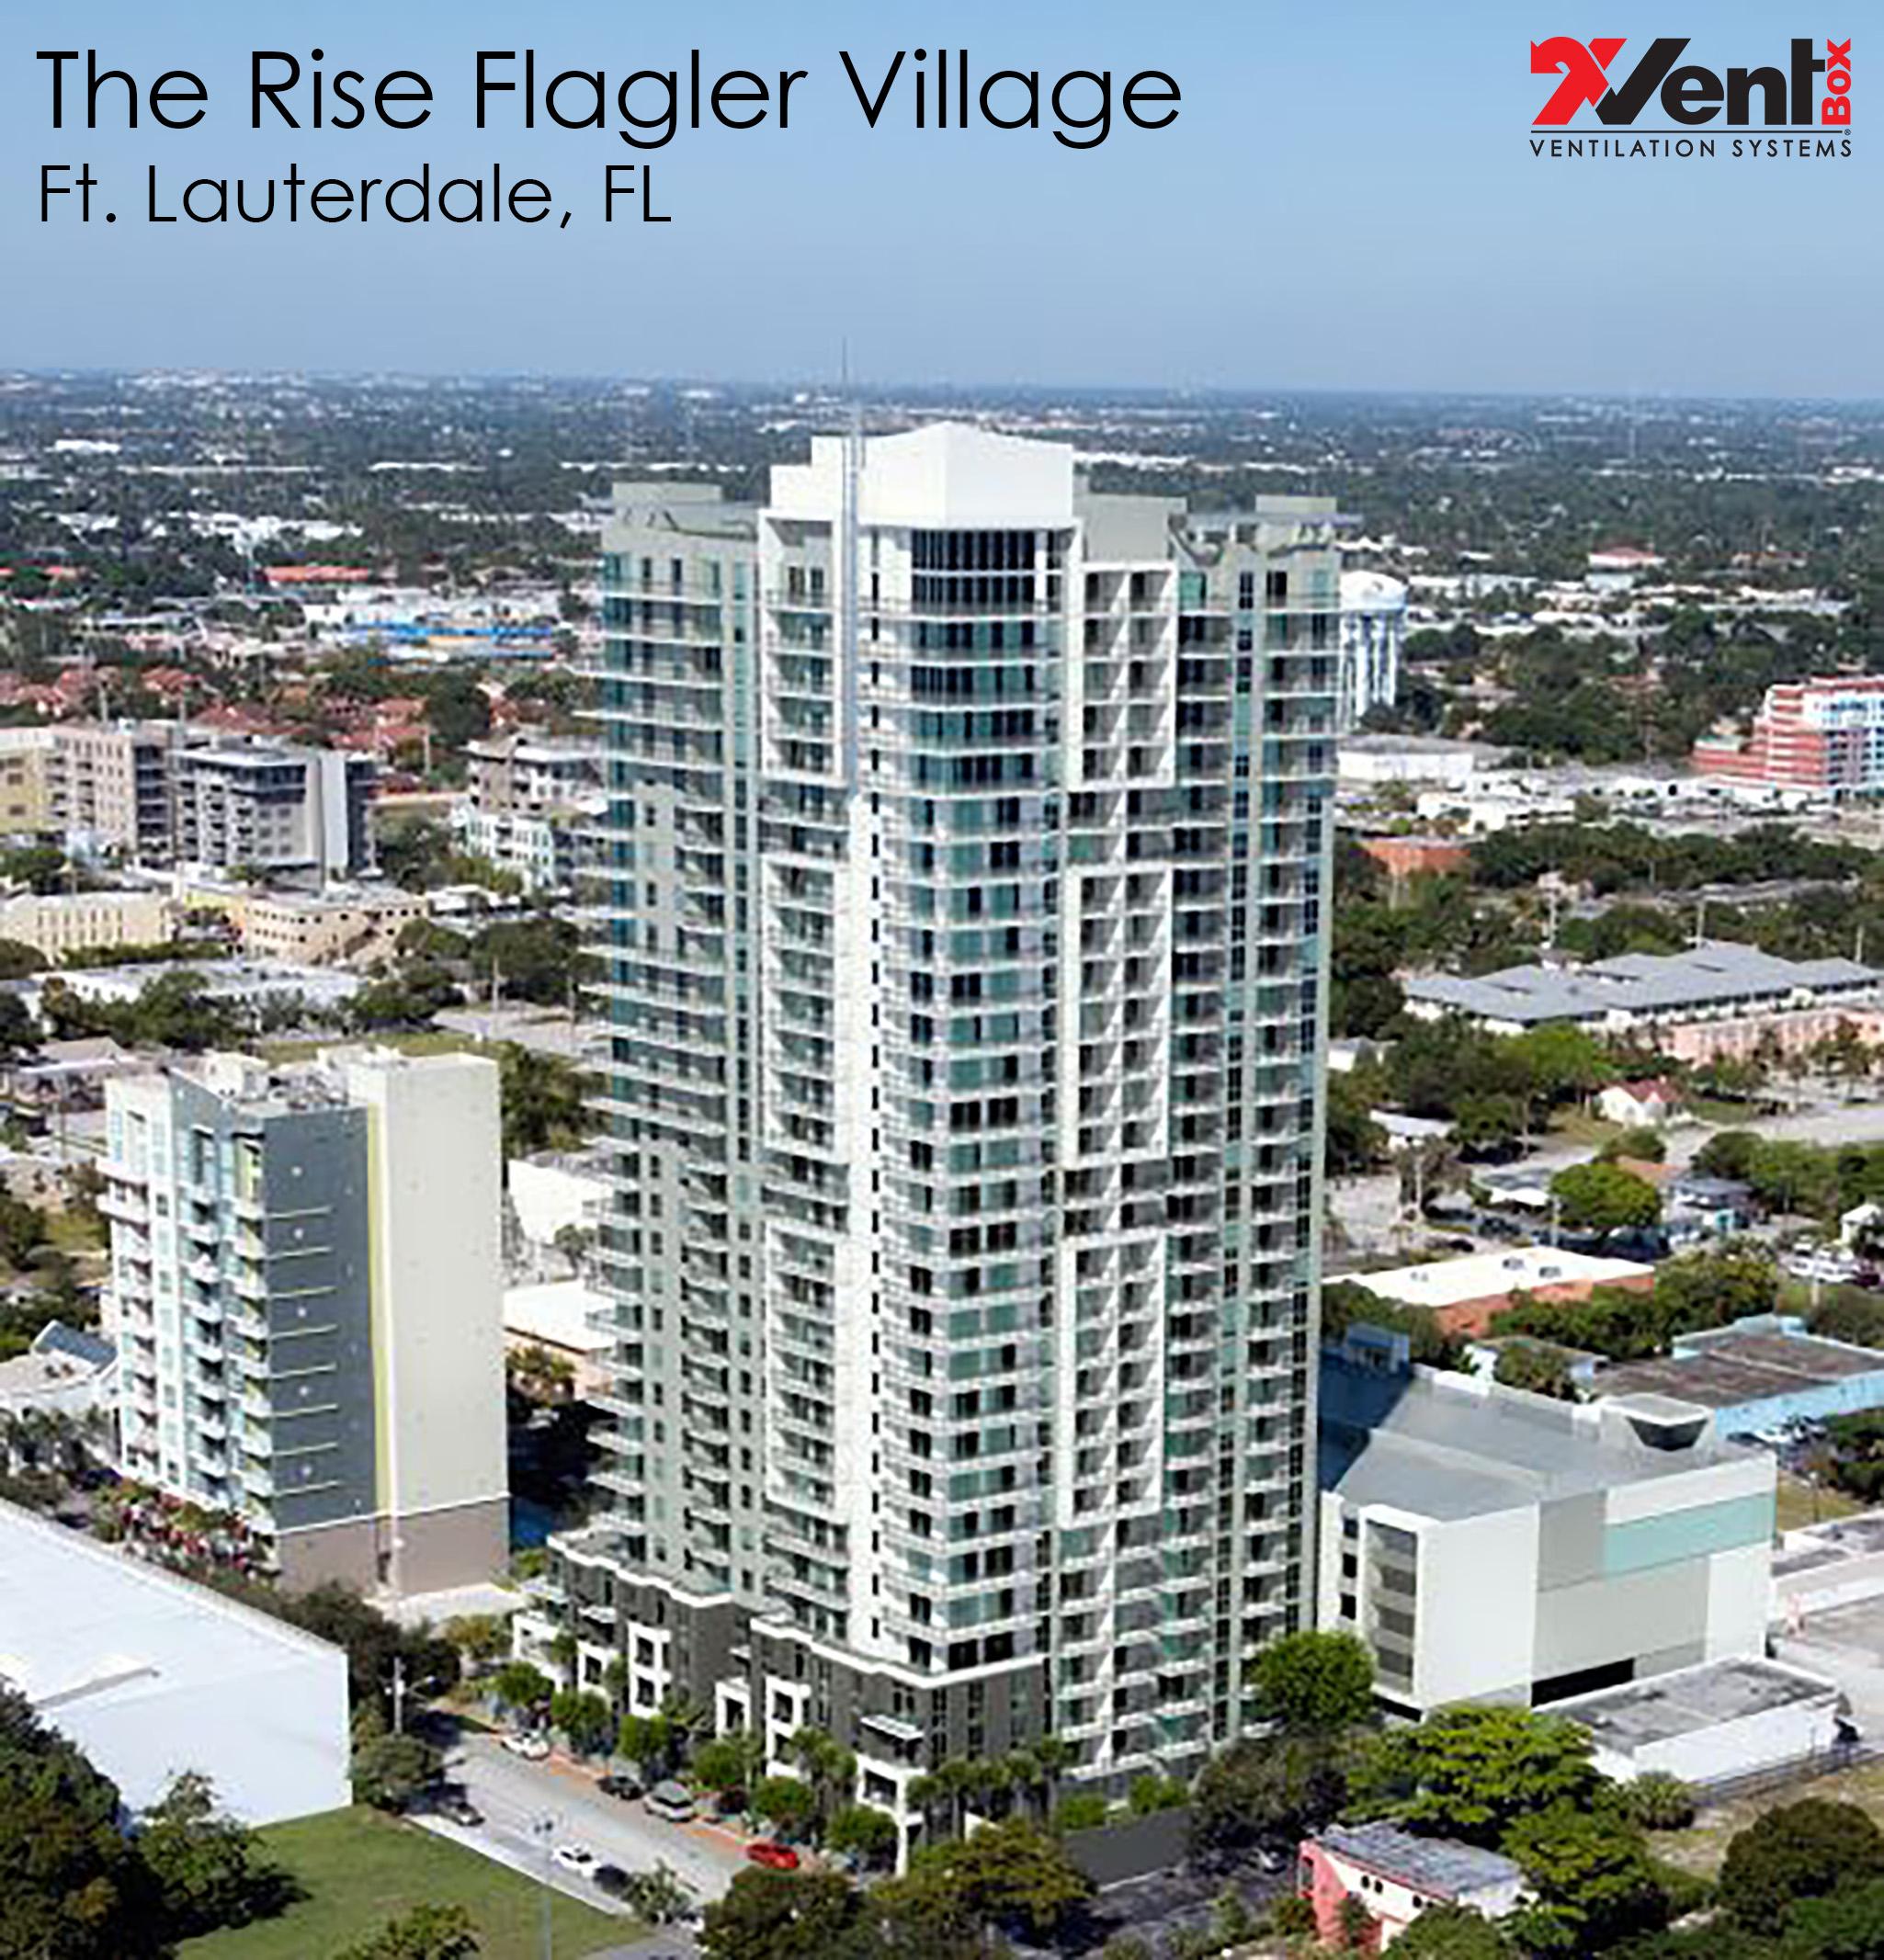 The Rise Flagler Village